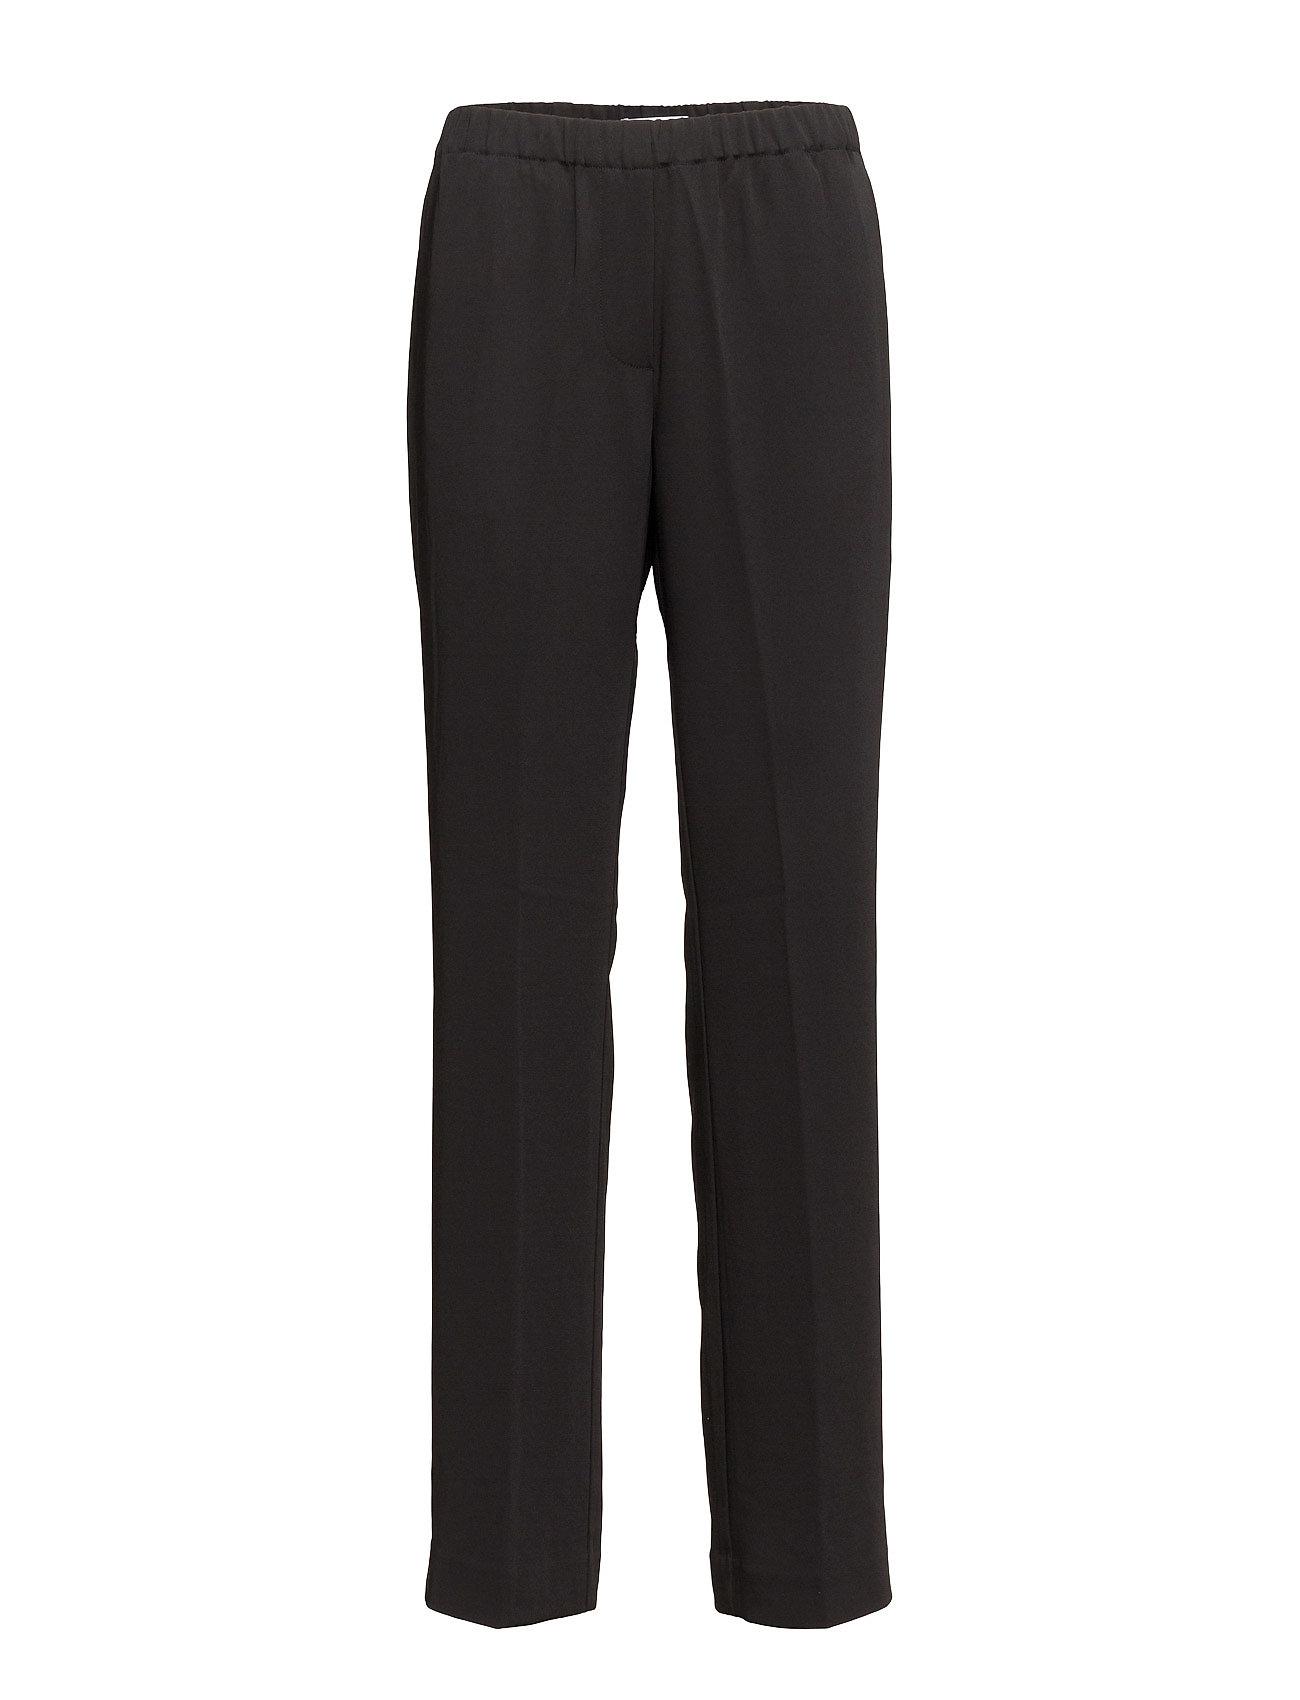 Samsøe & Samsøe Hoys straight pants 7331 - BLACK